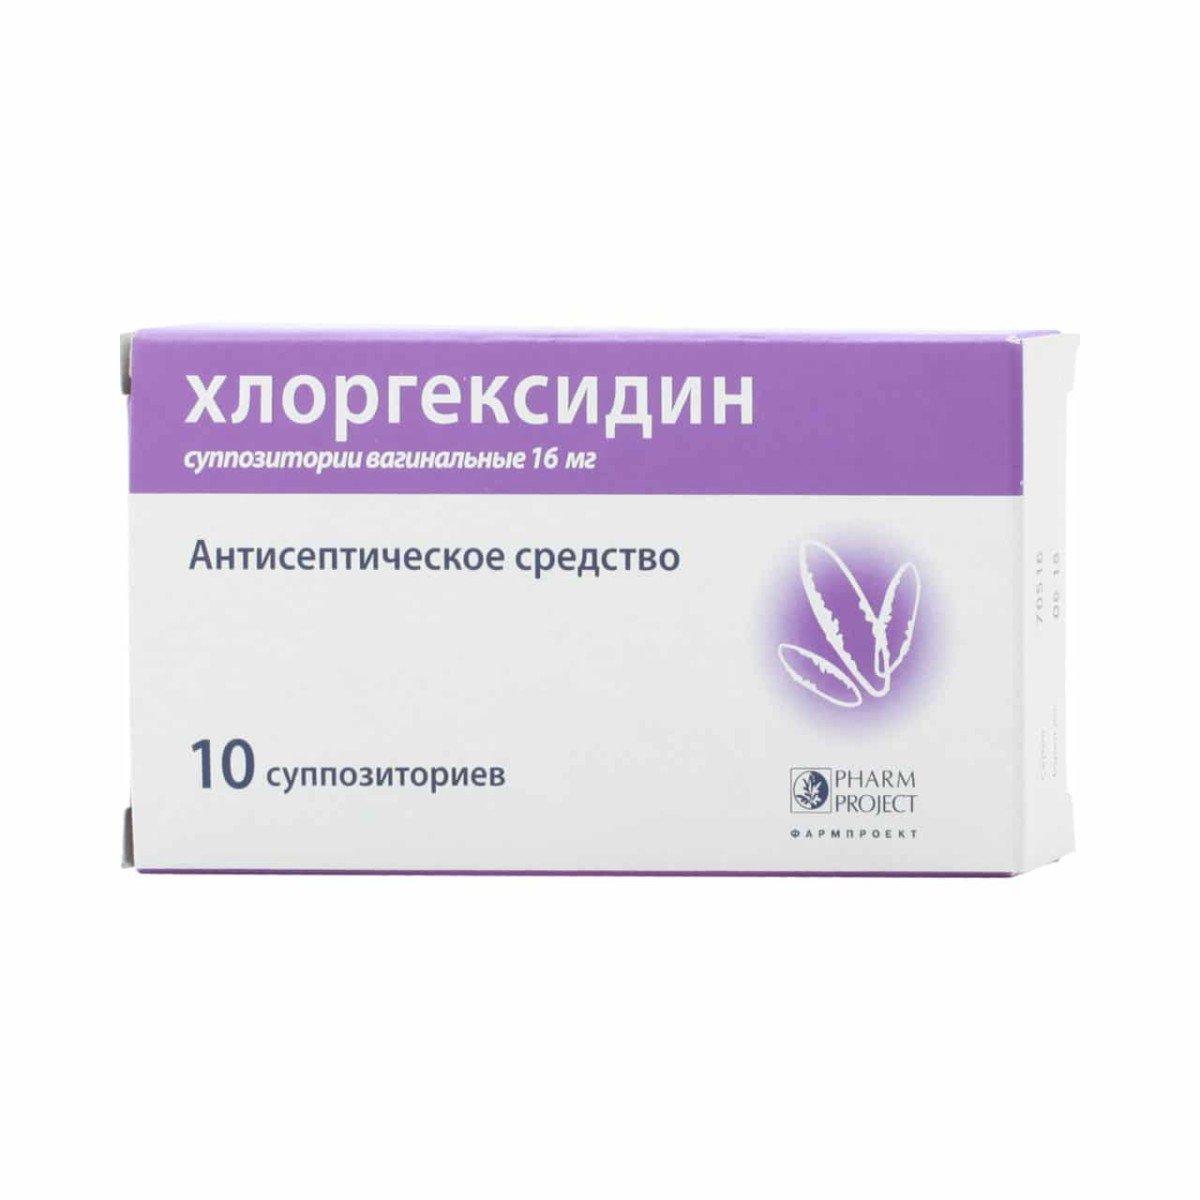 Спрей хлоргексидин: инструкция по применению